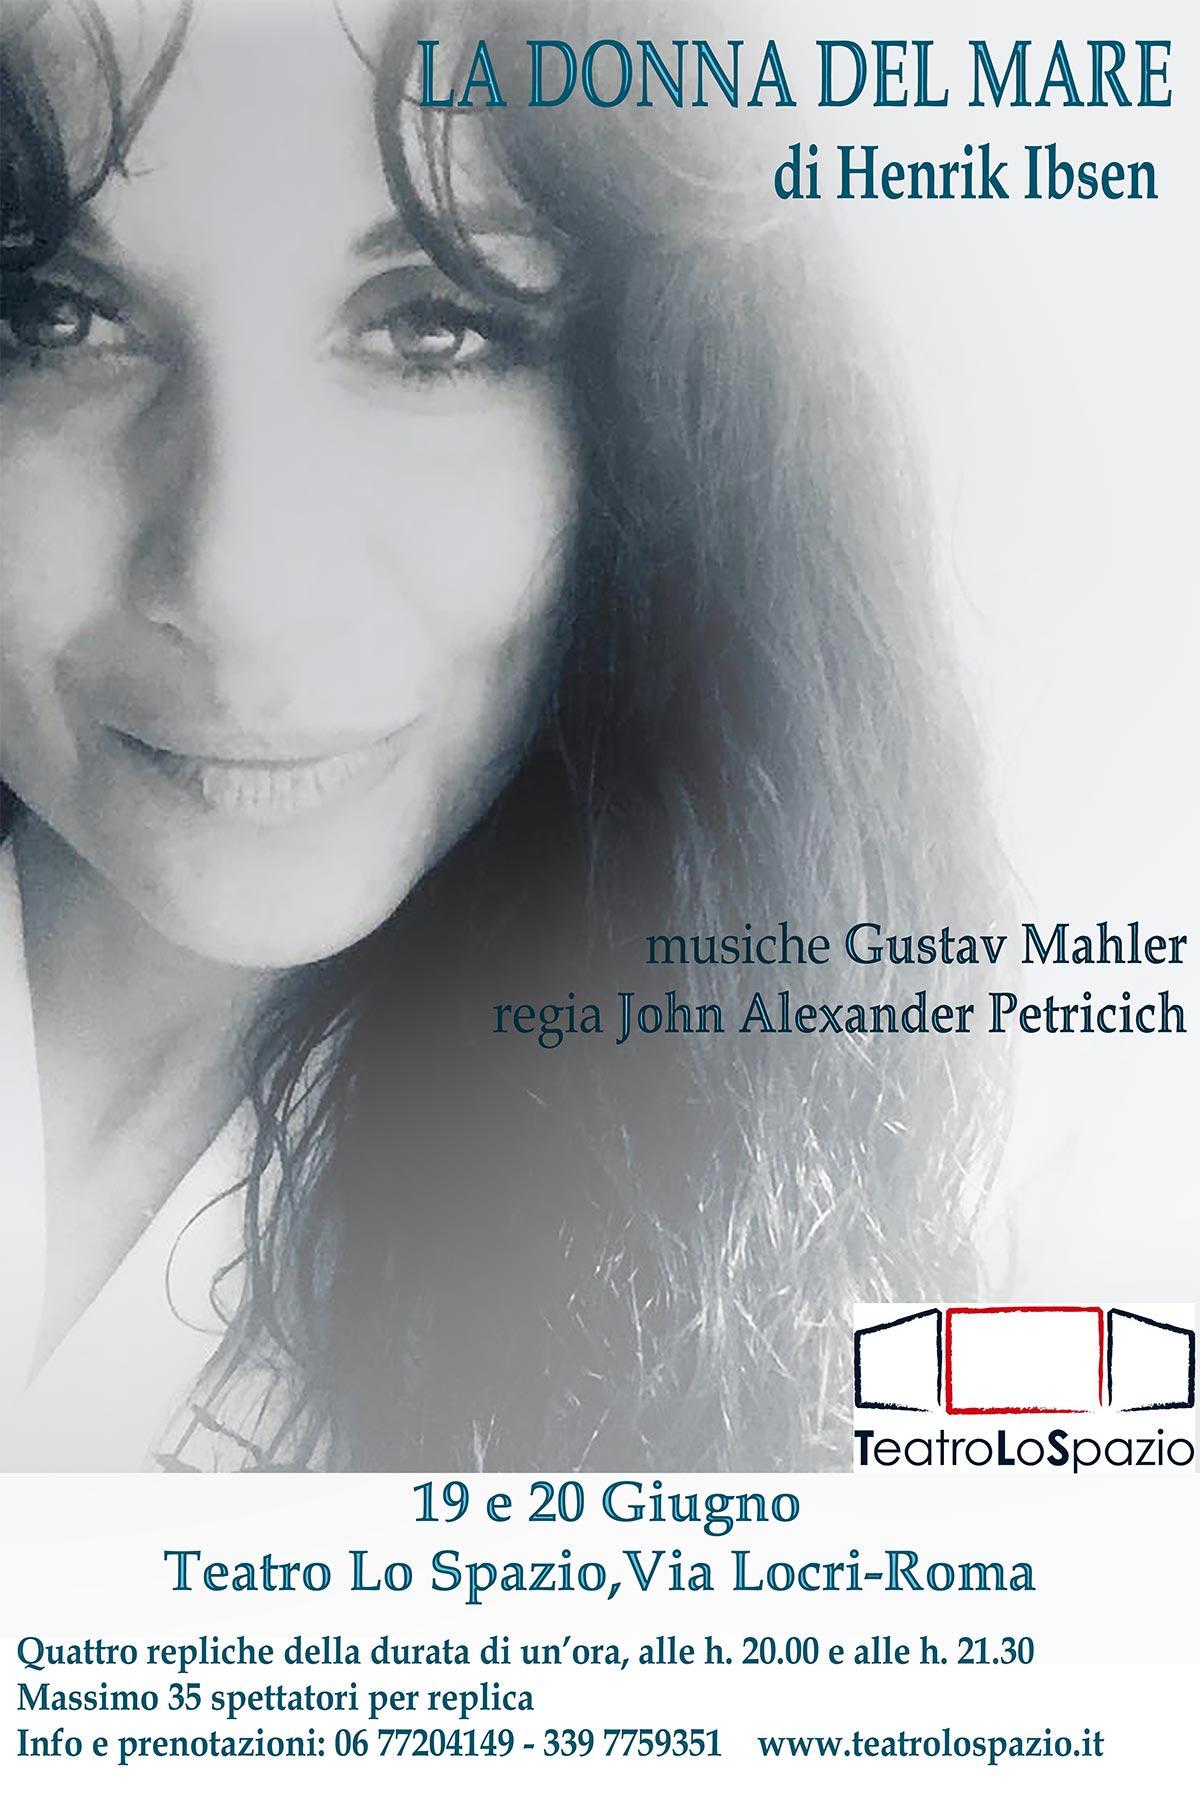 TeatroLoSpazio - La donna del mare - dal 19 al 20 giugno 2020 - Via Locri 42, Roma